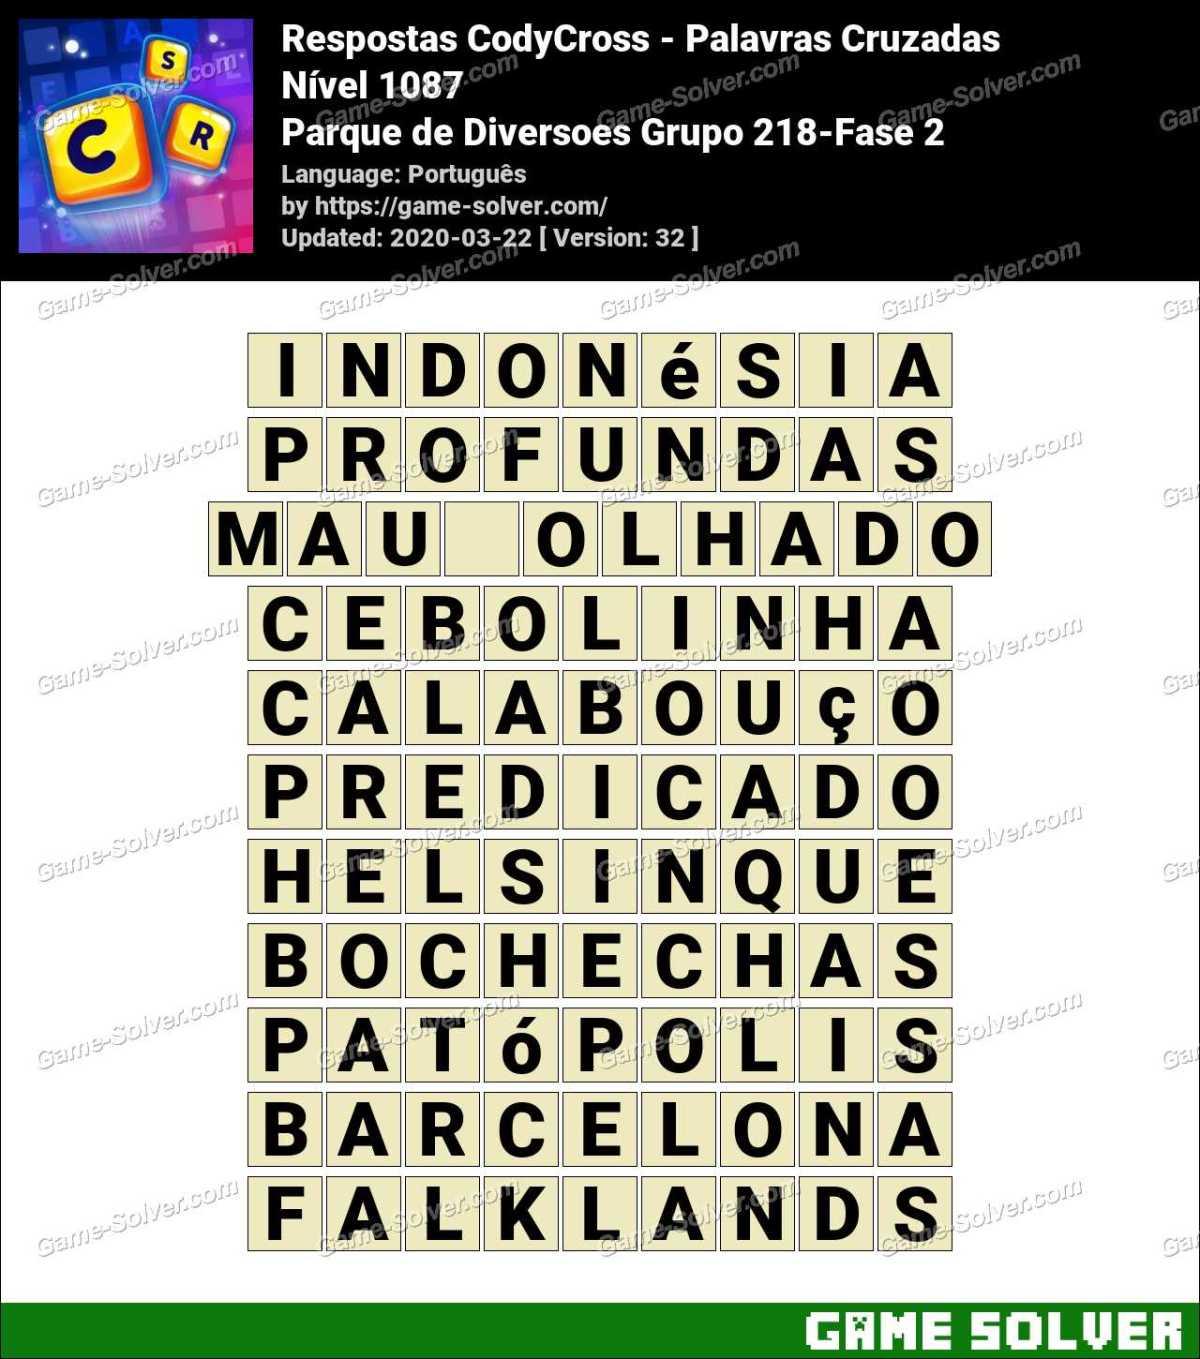 Respostas CodyCross Parque de Diversoes Grupo 218-Fase 2